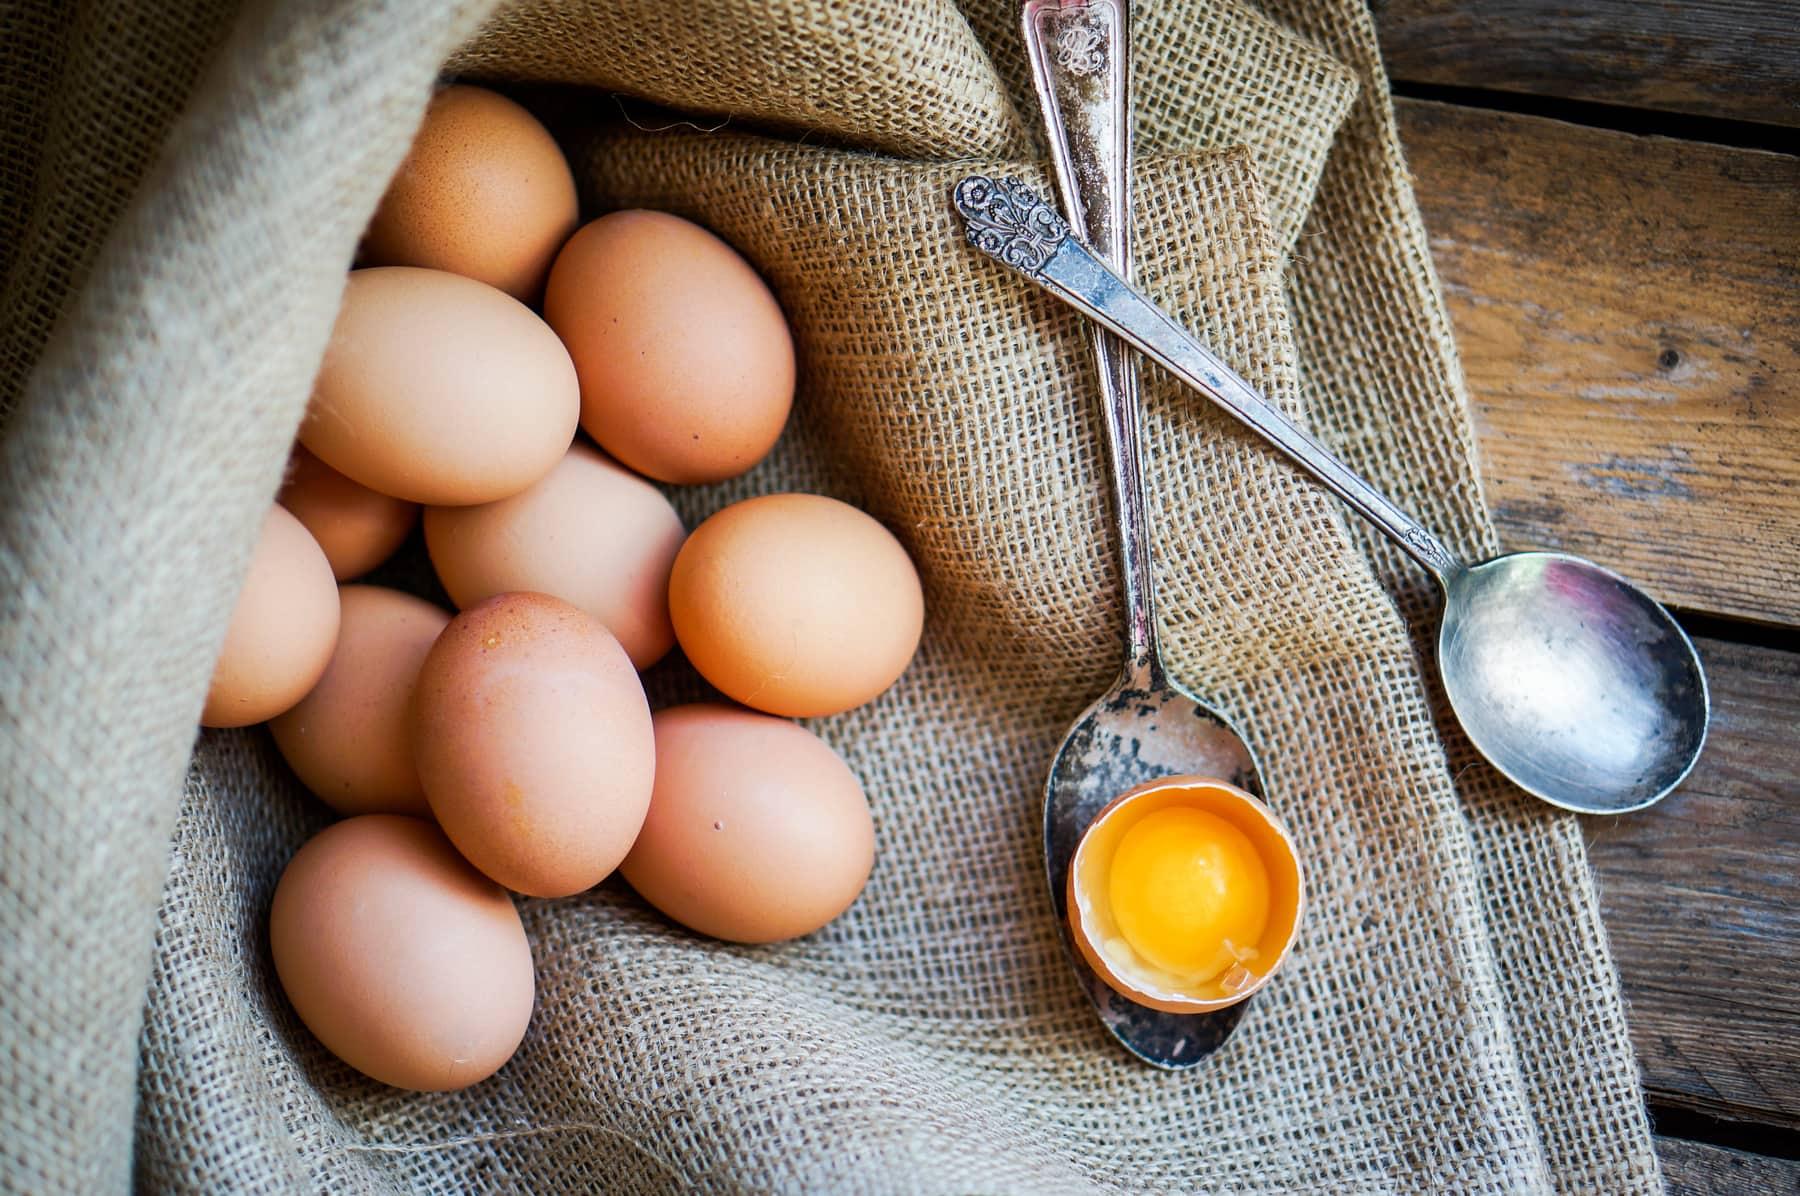 Journée internationale de l'oeuf : 3 idées originales pour déguster les oeufs Cinq Fourchettes